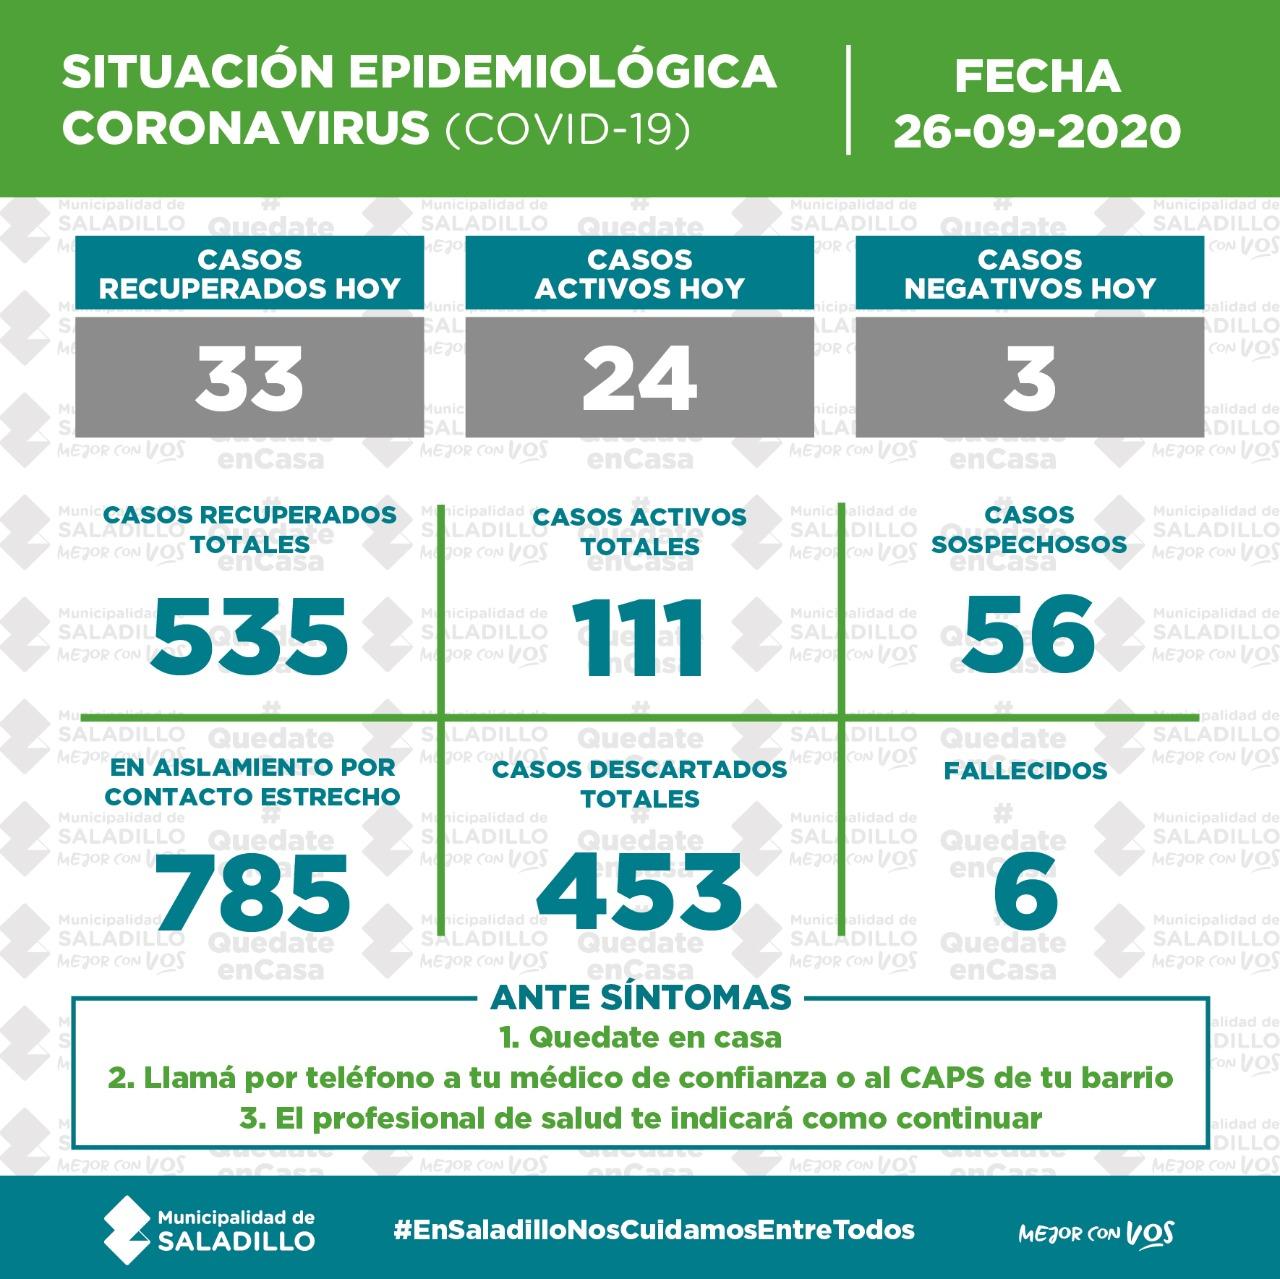 SITUACIÓN EPIDEMIOLÓGICA EN SALADILLO al 26/9/2020